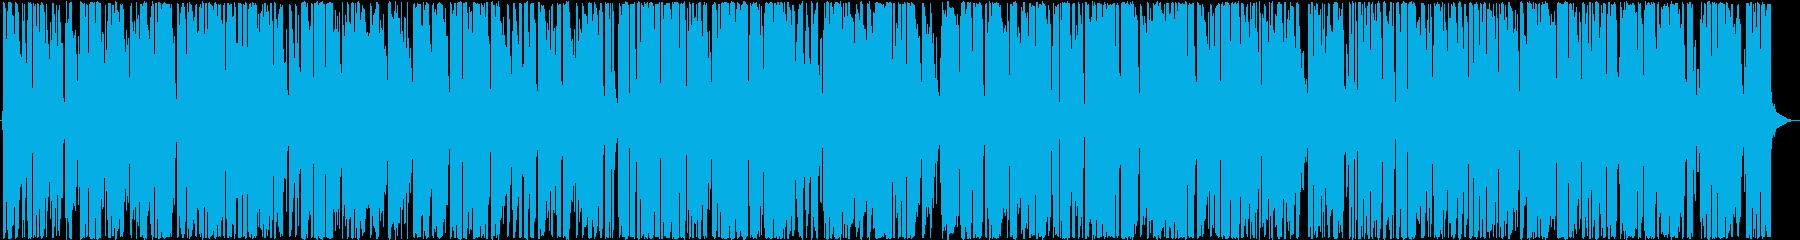 お洒落ハッピー サックス軽快ジャズピアノの再生済みの波形